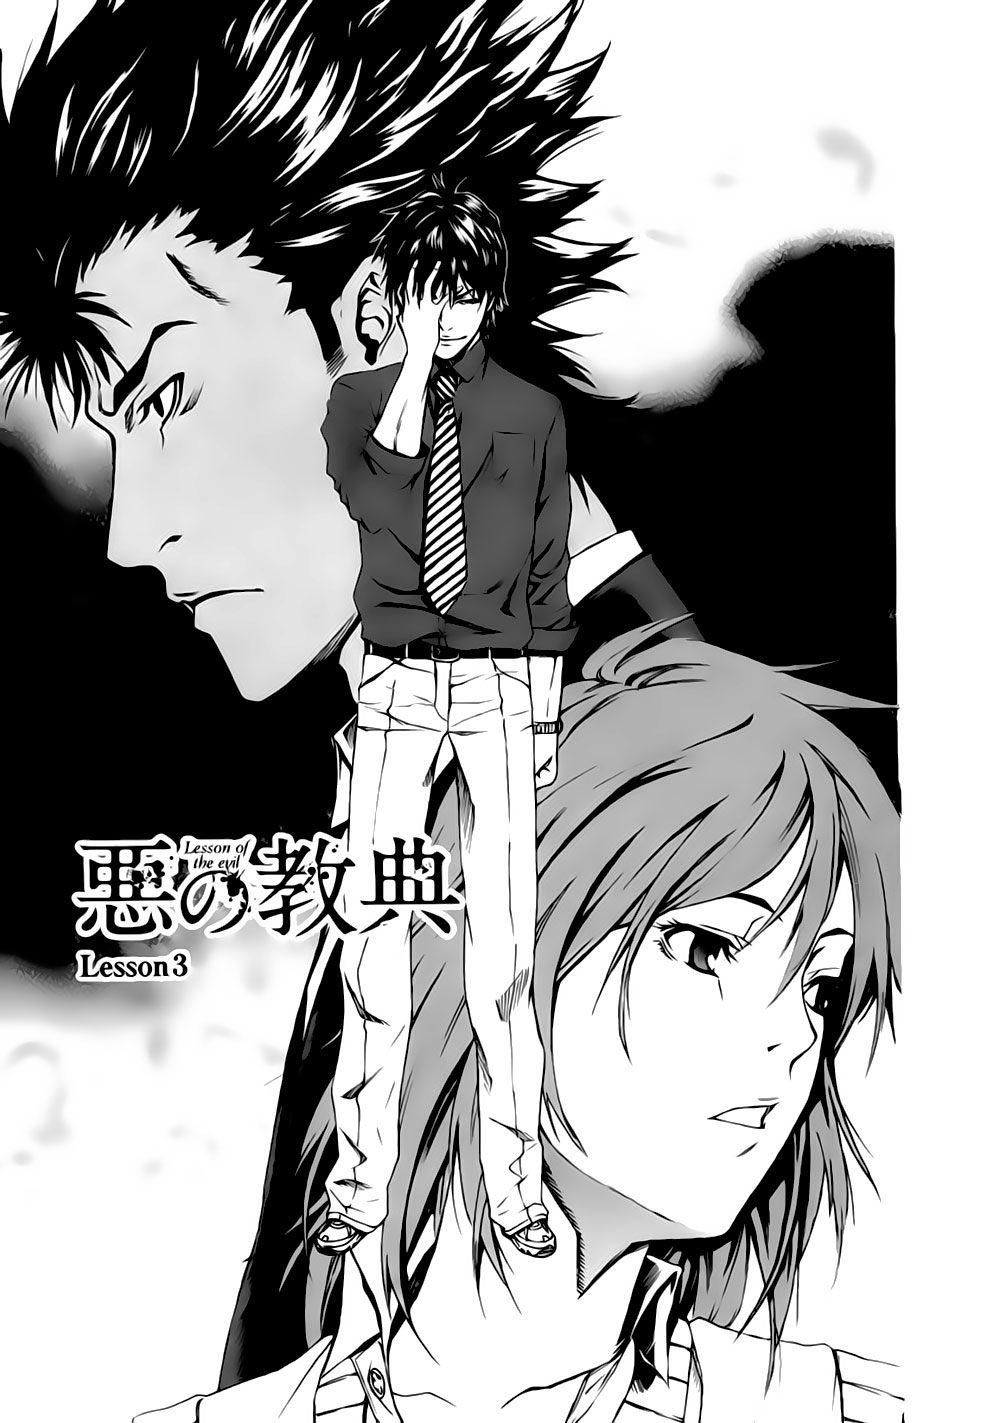 http://c5.ninemanga.com/es_manga/3/19523/460600/8a7993941267c8384c6db1e96569ef81.jpg Page 5